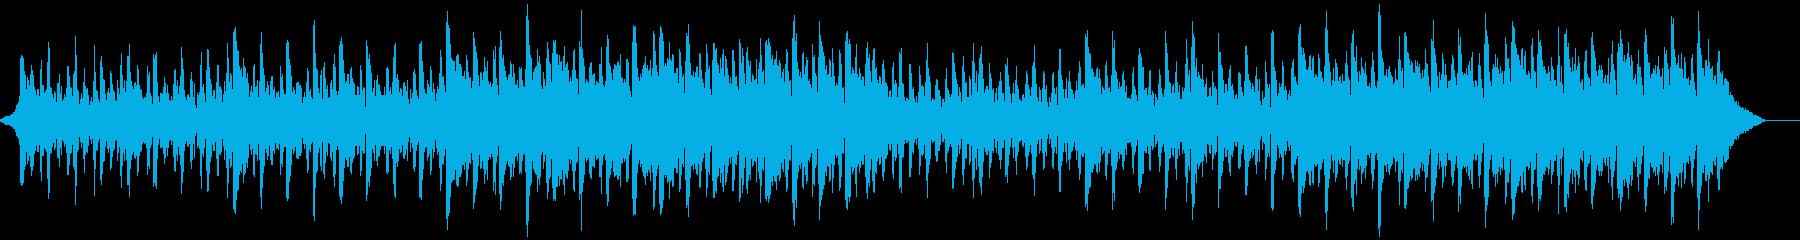 企業VP、爽やか/壮大なオーケストラ2の再生済みの波形